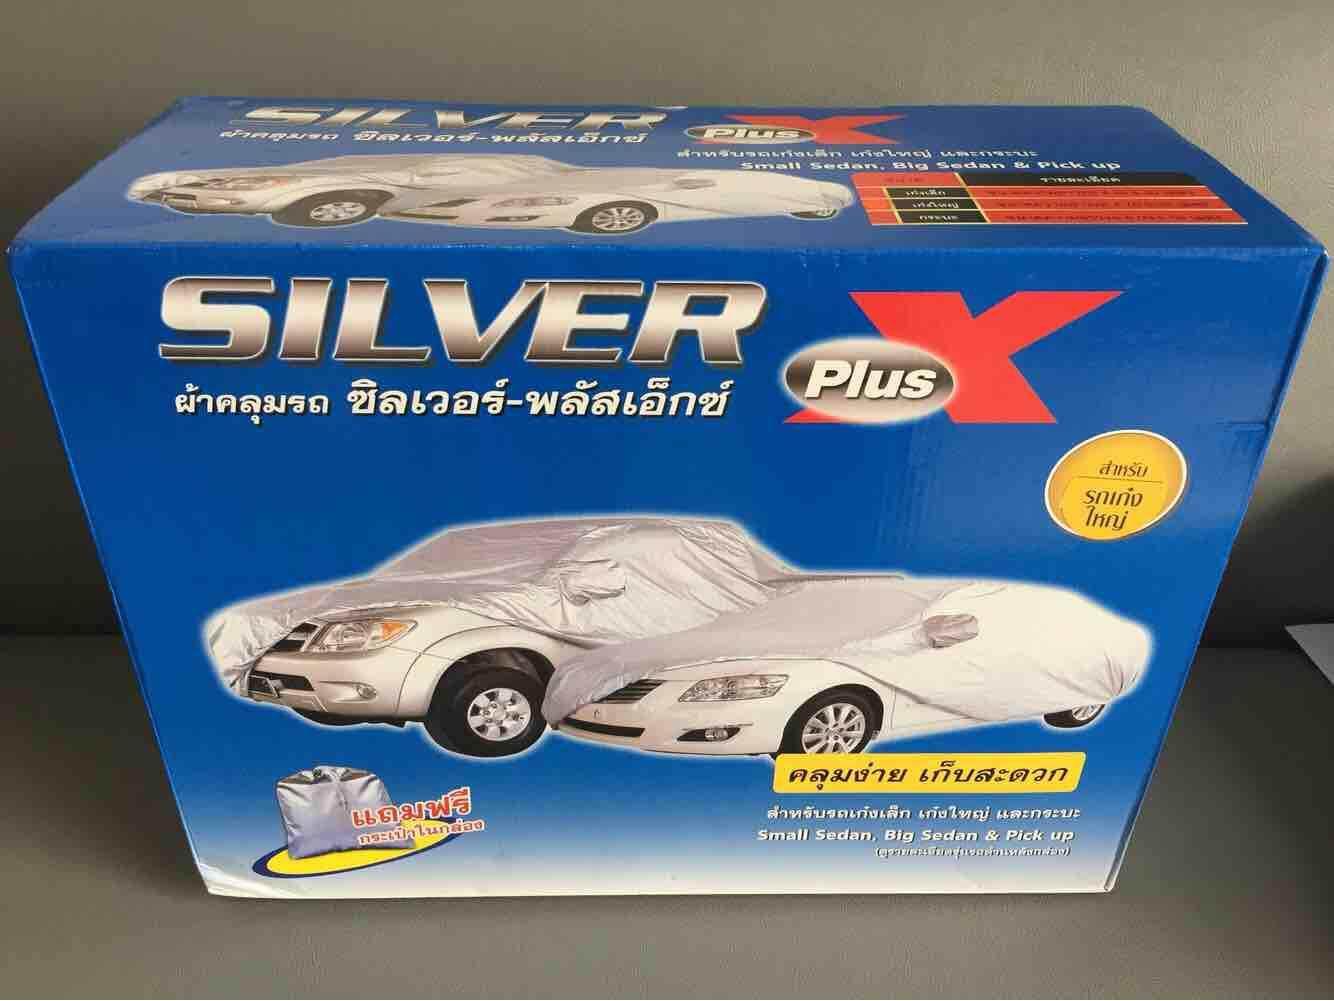 ผ้าคลุมรถยนต์ กันแดด กันน้ำ กันสารเคมี By Ahcarcover.